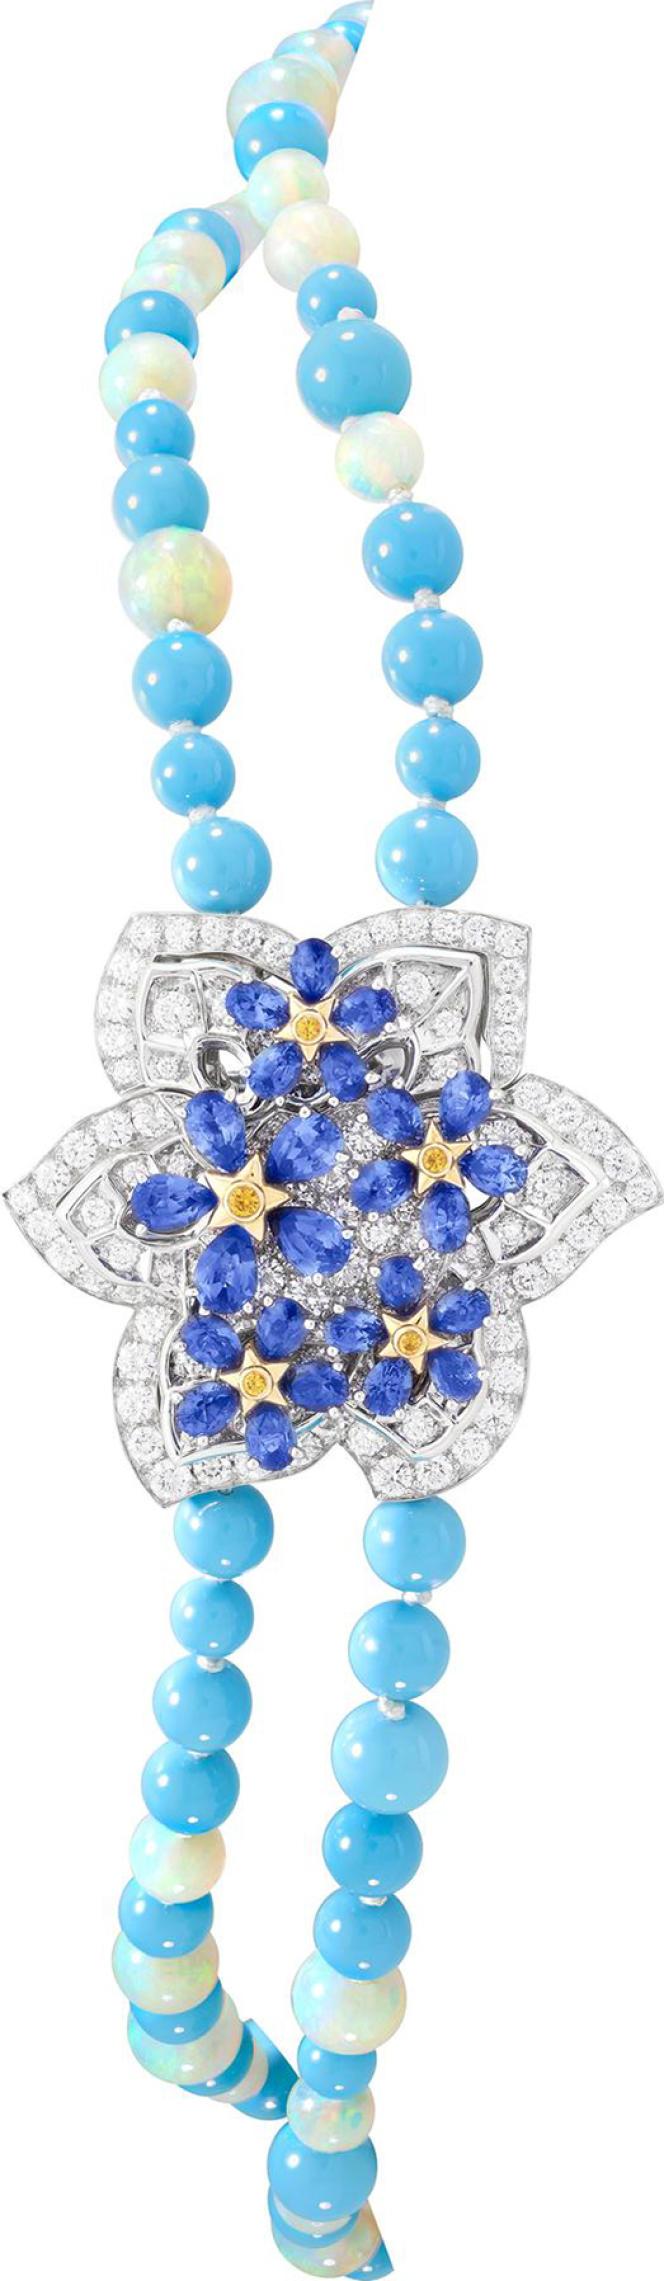 Collier «Forget Me Not» en or blanc et jaune, diamants, saphirs bleu, rose et jaune, turquoises et ses 62 billes d'opales (162,42 carats), de Van Cleef & Arpels.